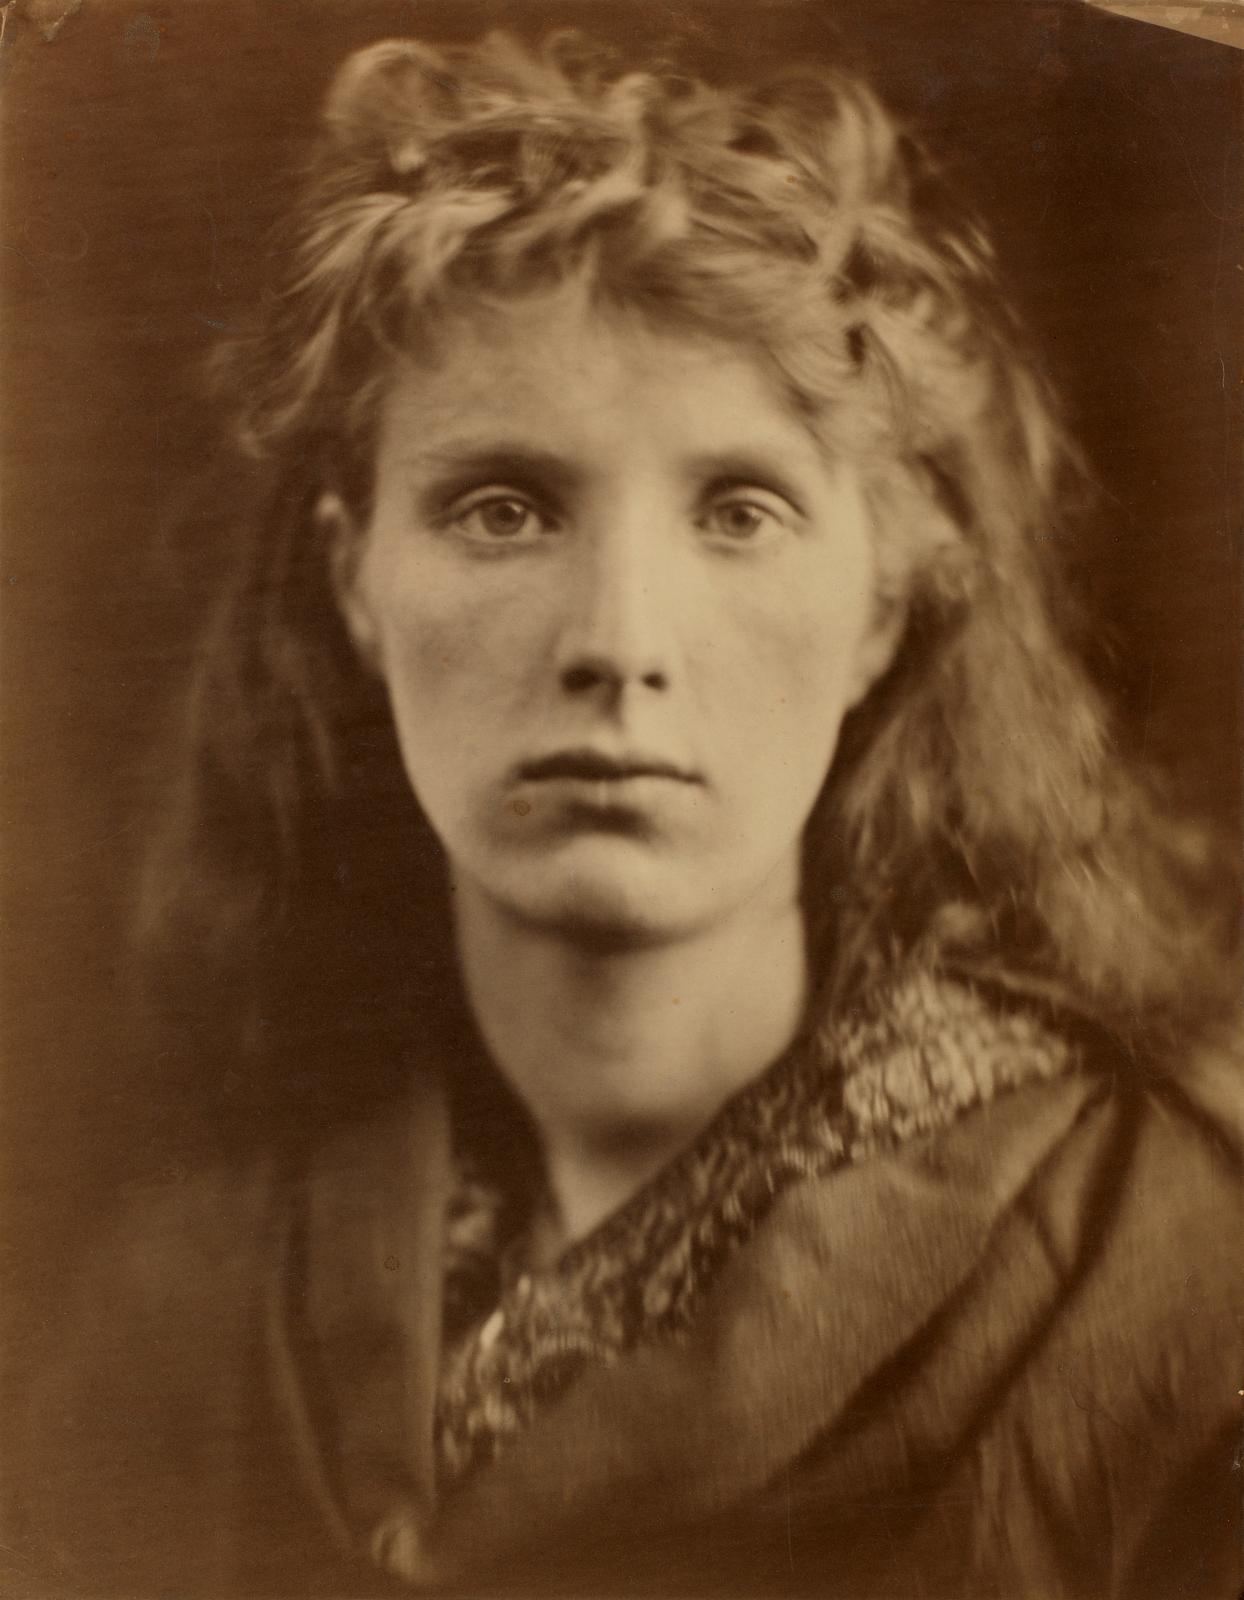 Julia Margaret Cameron(1815-1879), The Mountain Nymph, Sweet Liberty, 1866, photographie sur papier albuminé, 36,5x28,5cm.